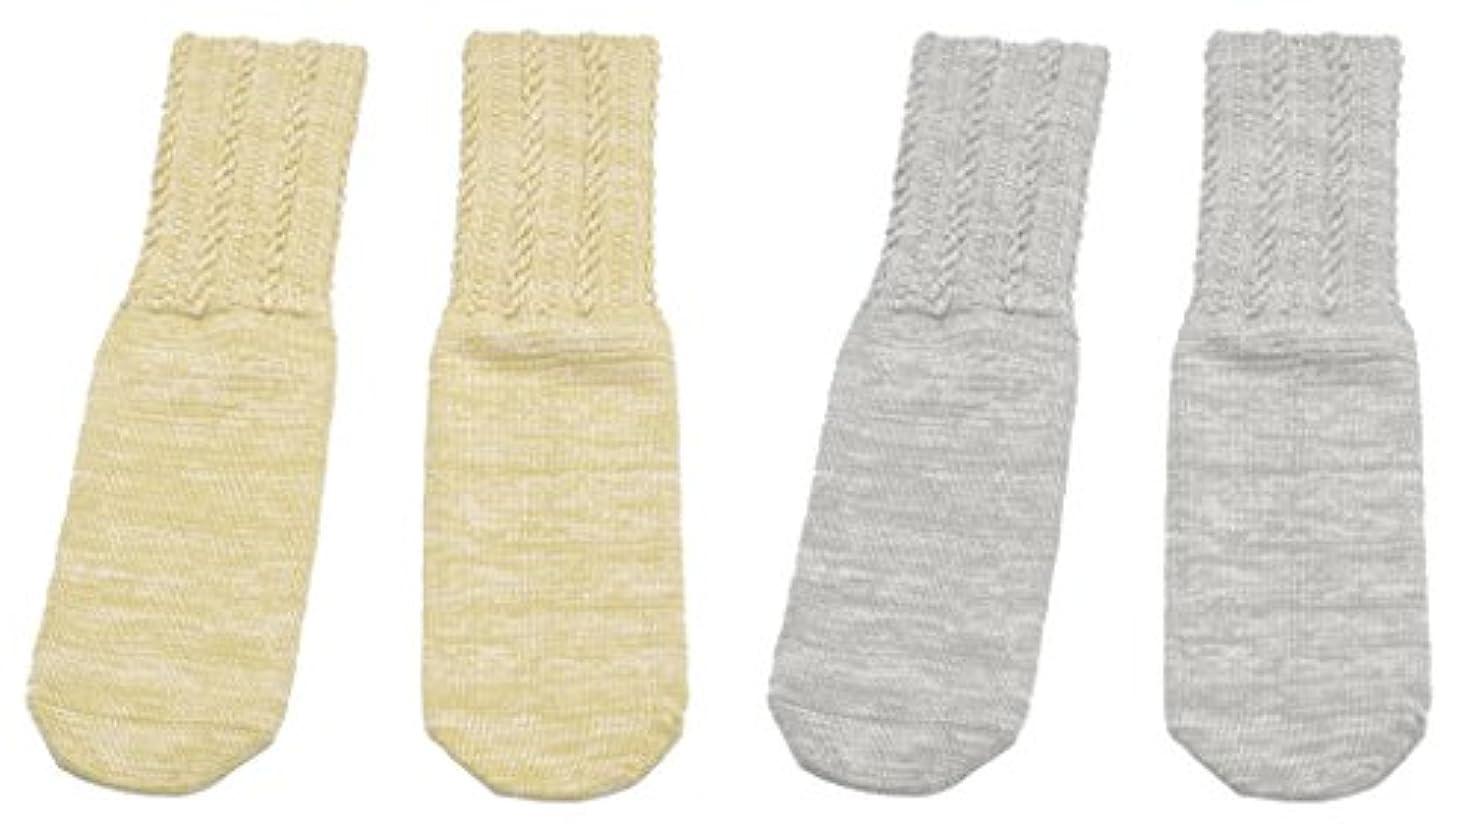 独立知覚的ワイヤー日本製 口ゴムのゆるい靴下 2色組(ベージュ?グレー) FIN-445